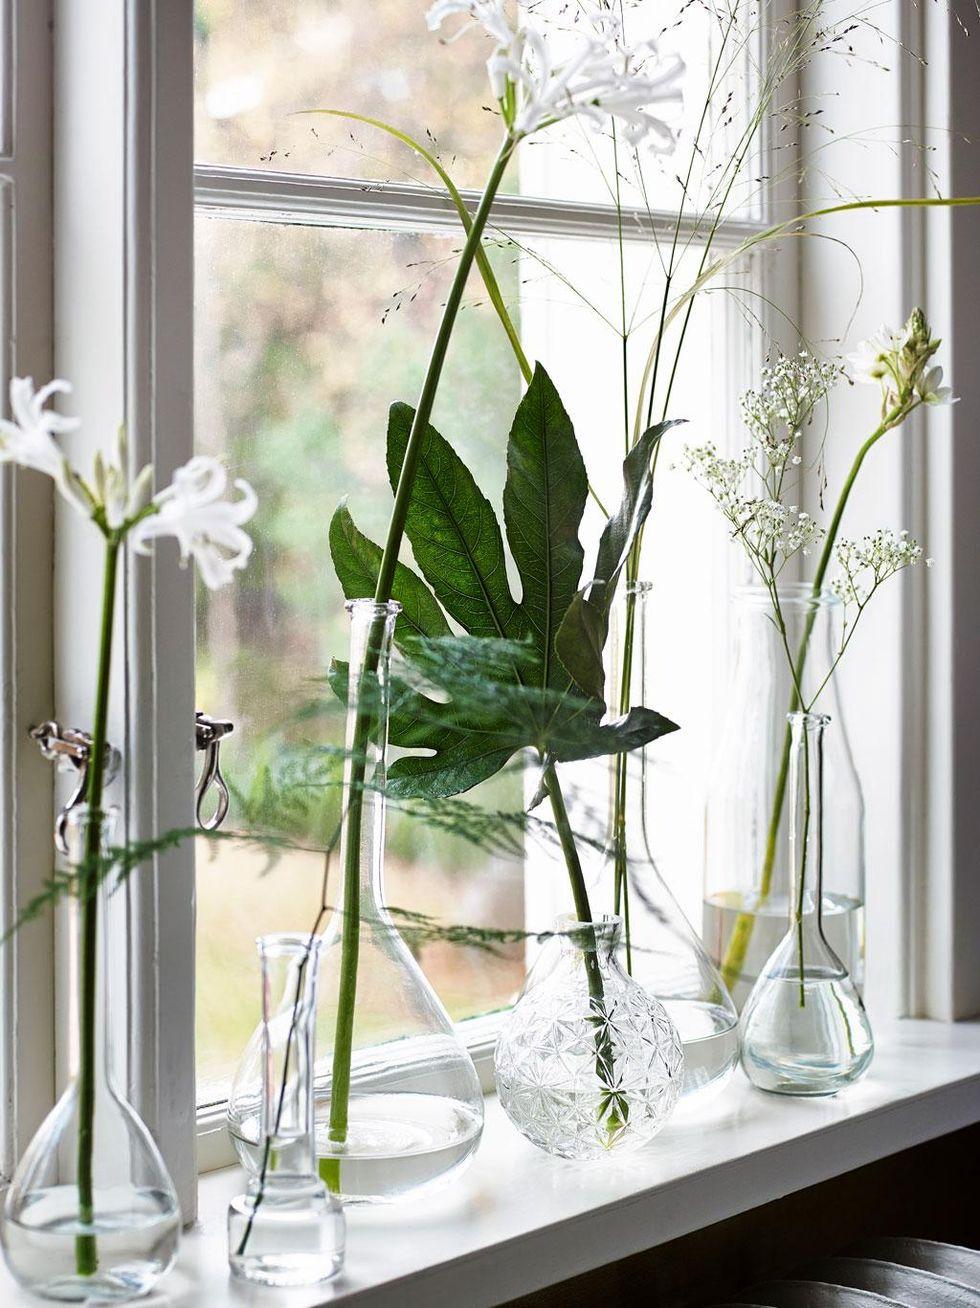 Grnt ljus nu tar vxterna plats i inredningen hus hem glasvaser med lng hals 75115 kr oscar och clothilde bakre vasen ensidig 29 kr ikea rund vas 89 kr hemtex reviewsmspy